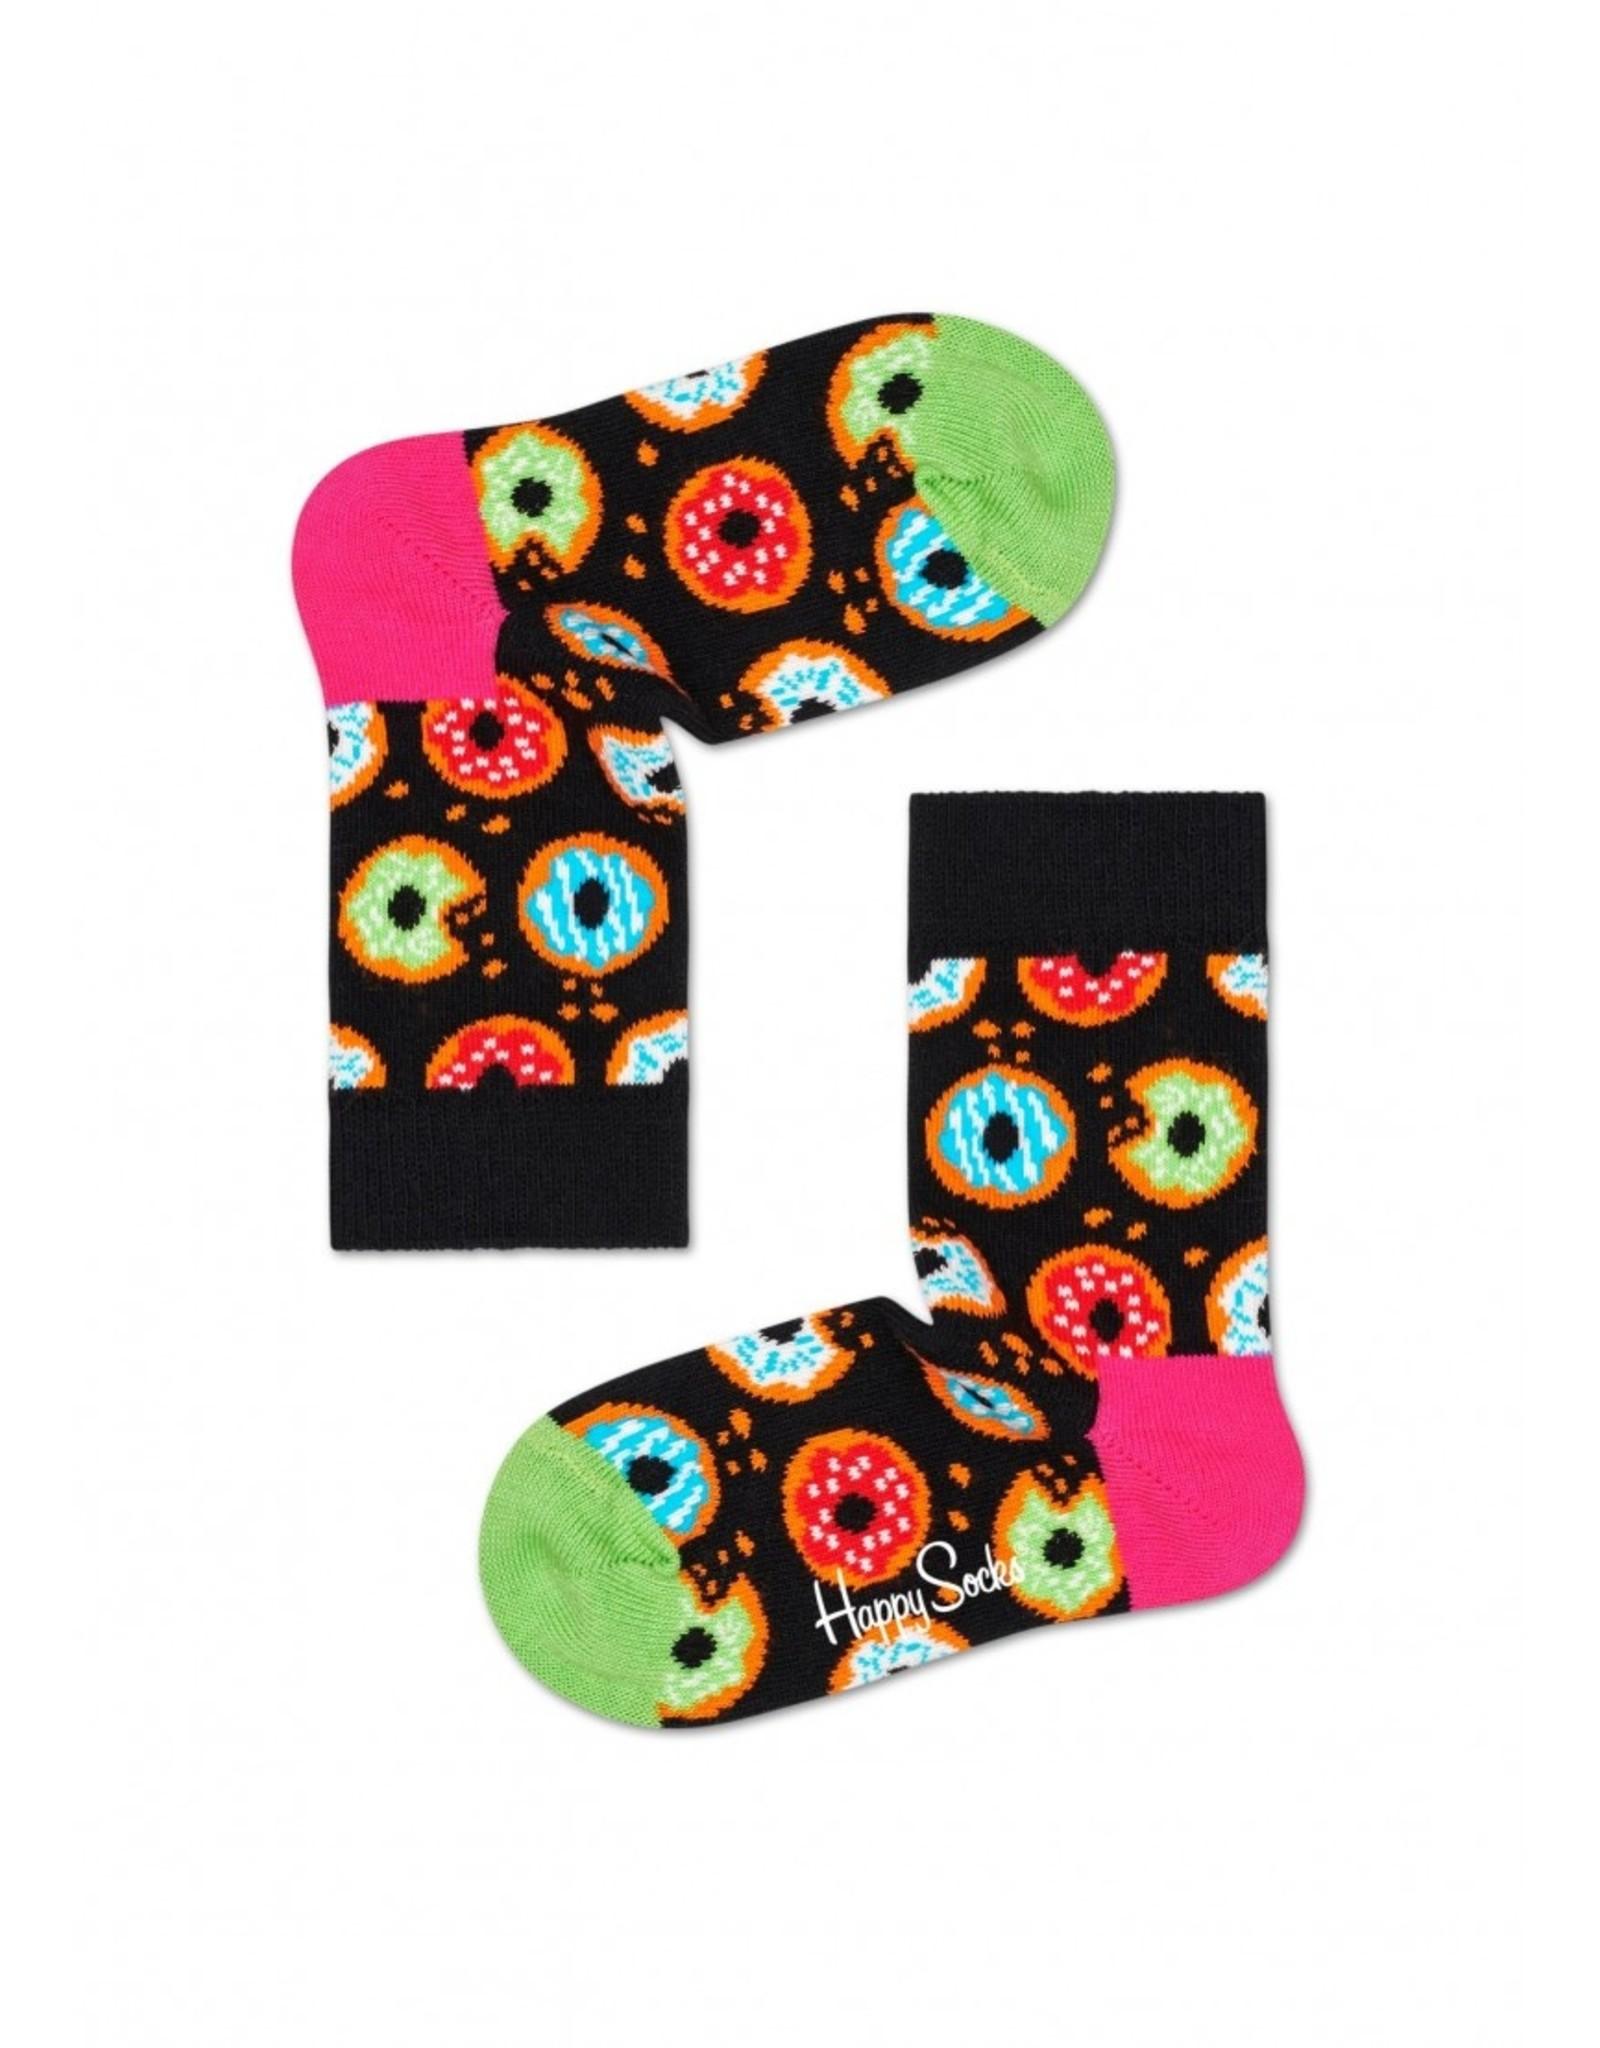 Happy Socks Colorful Donuts Socks